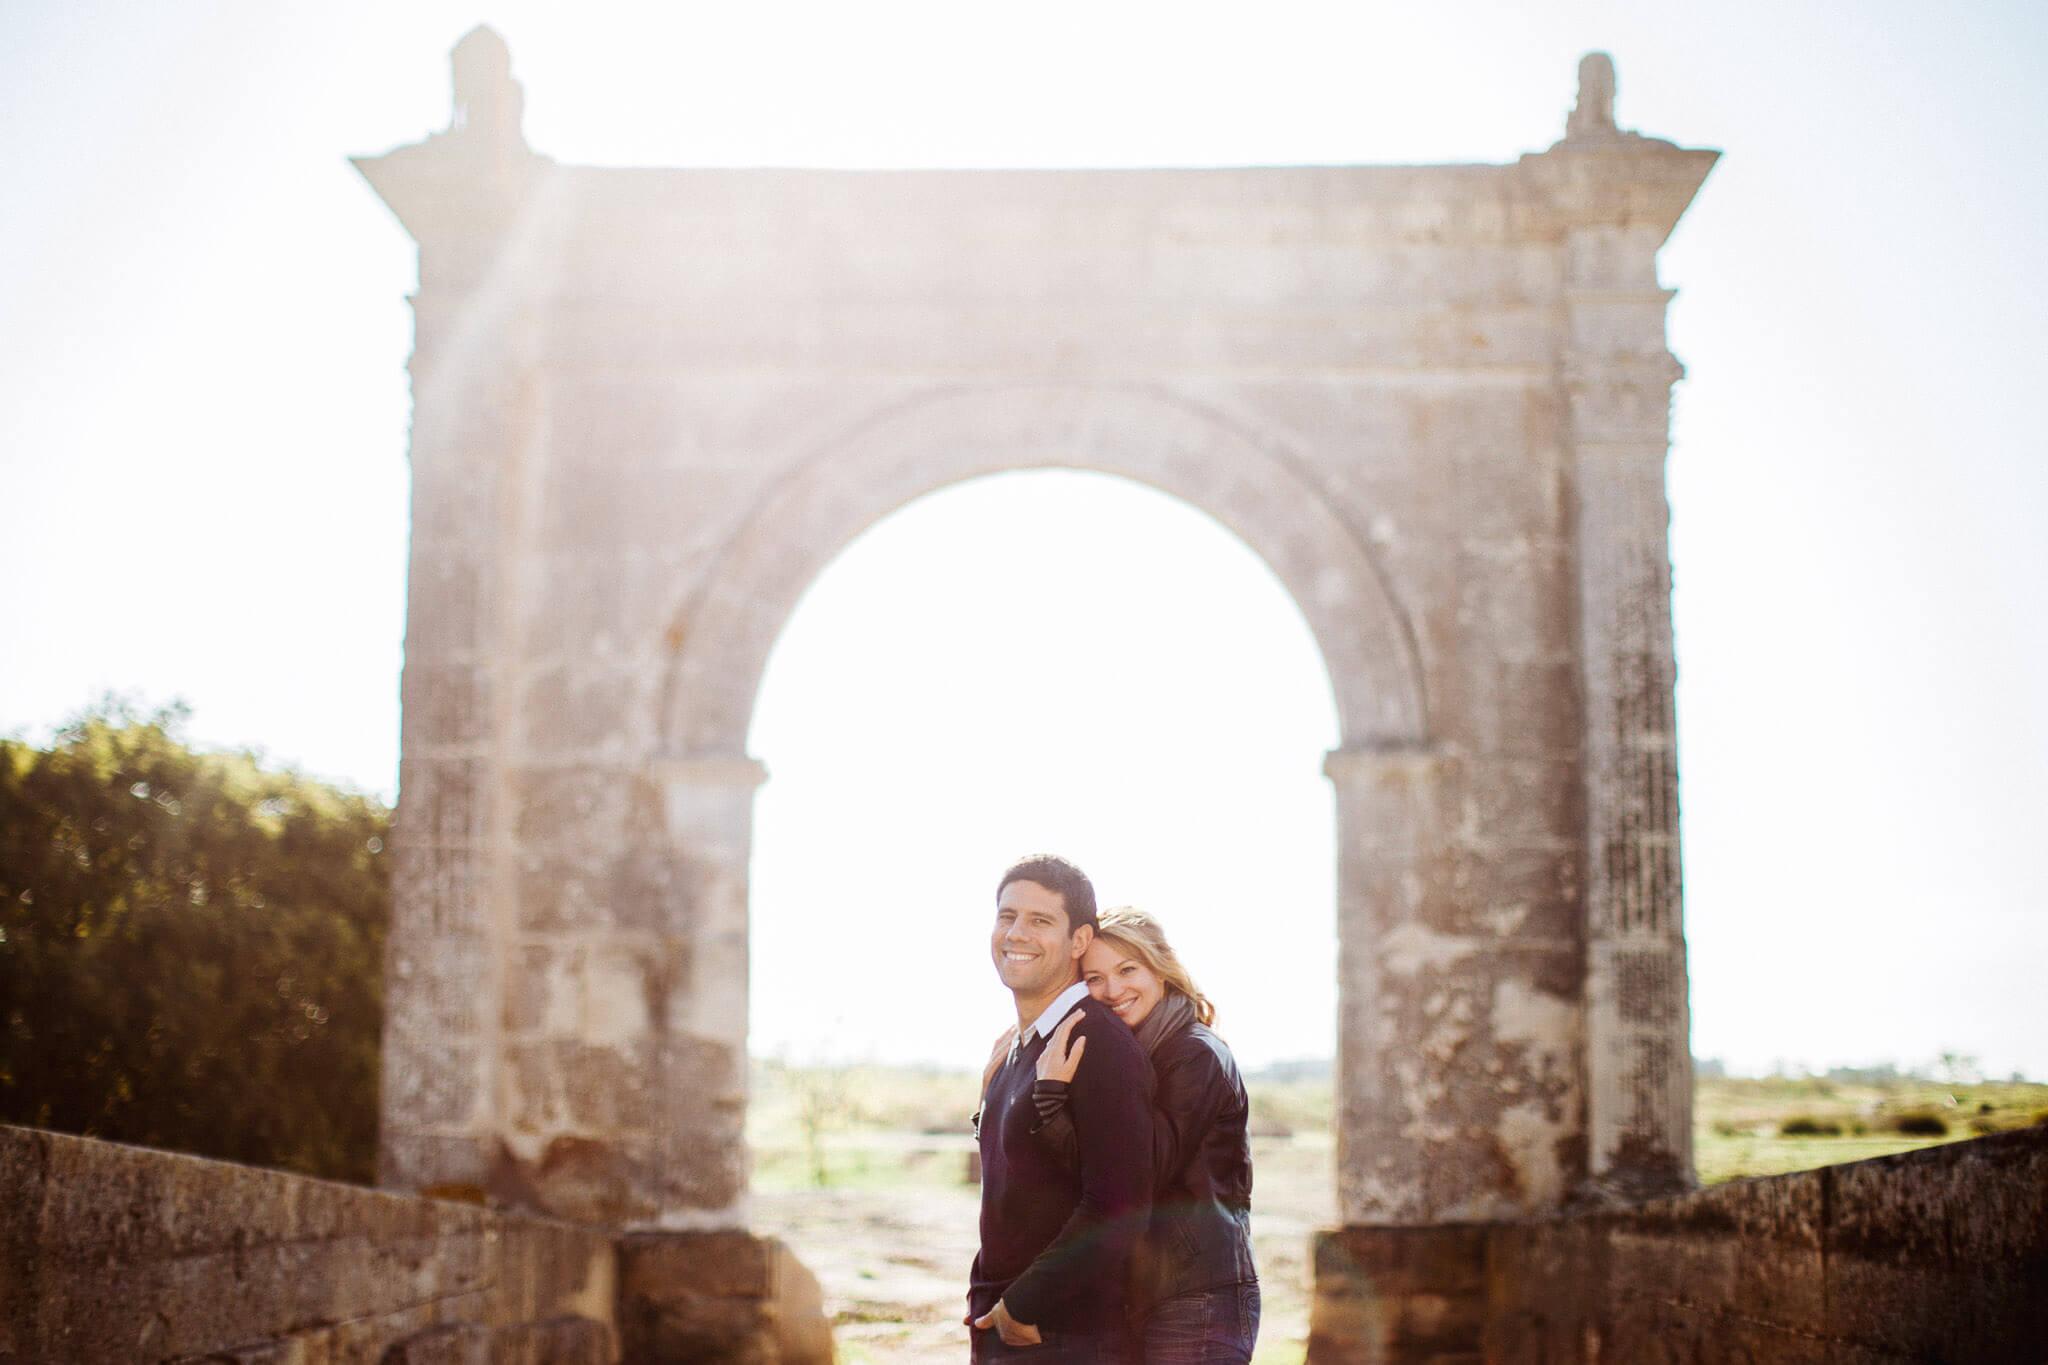 faire-poser-un-couple-et-obtenir-des-photos-tres-naturelles-001